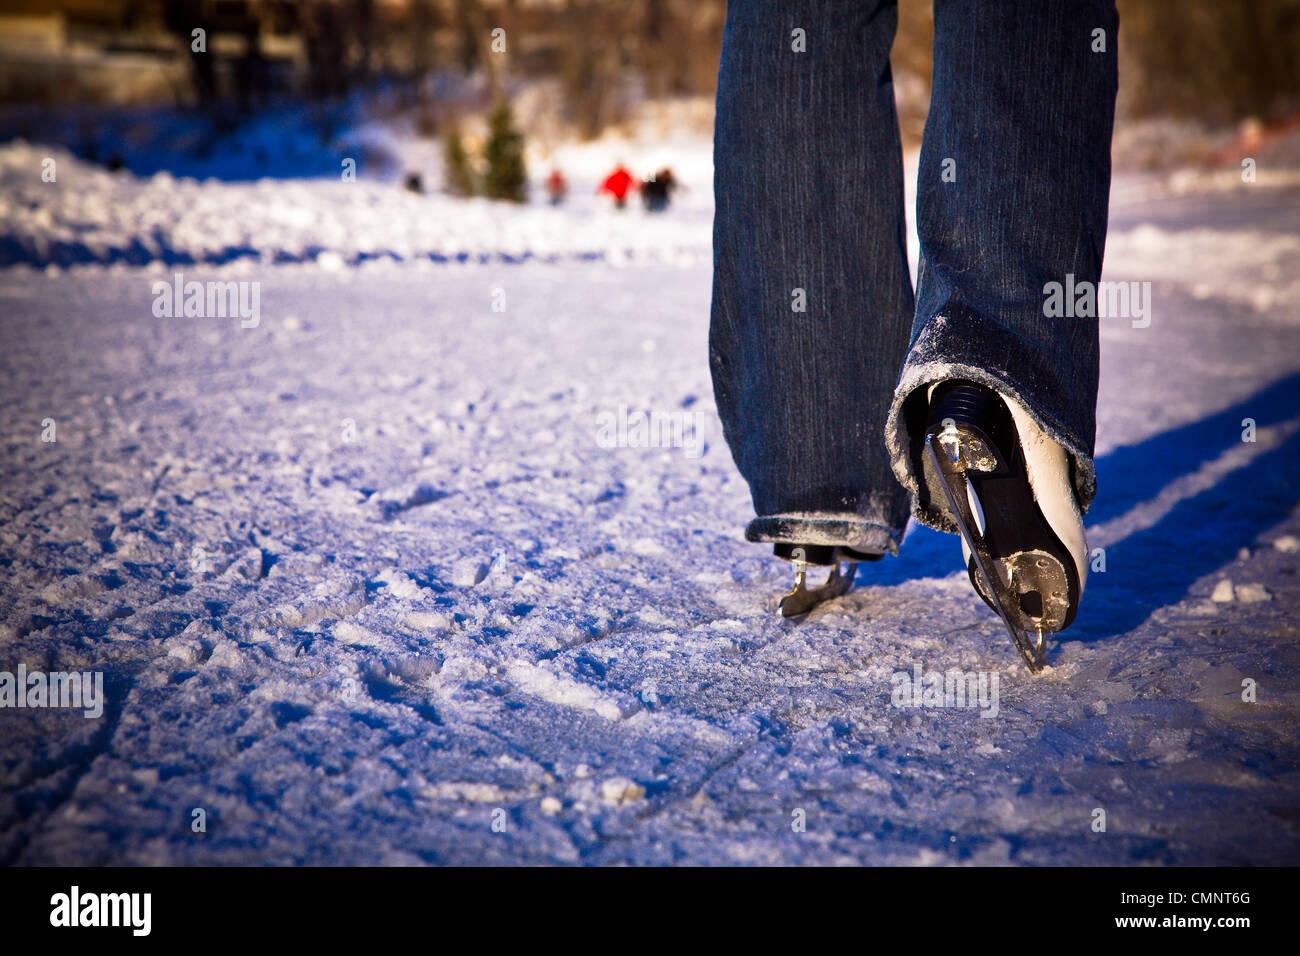 Cerca de patines para hielo en Assiniboine River Trail, el más largo del mundo, naturalmente, pista de patinaje de hielo congelado, las horquillas, Winnipeg, MB Foto de stock